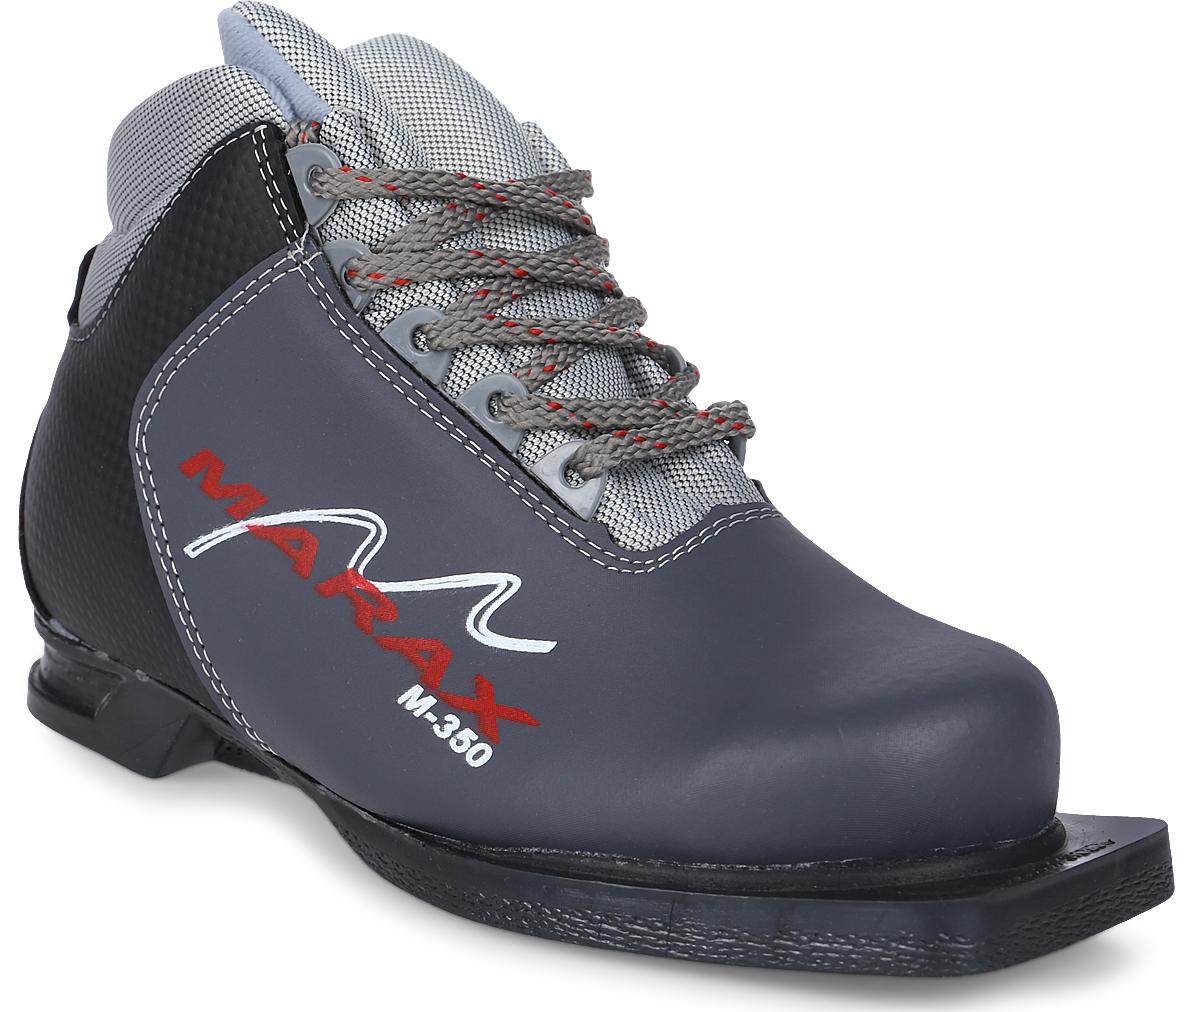 Ботинки лыжные Marax, цвет: серый, черный. М350. Размер 35